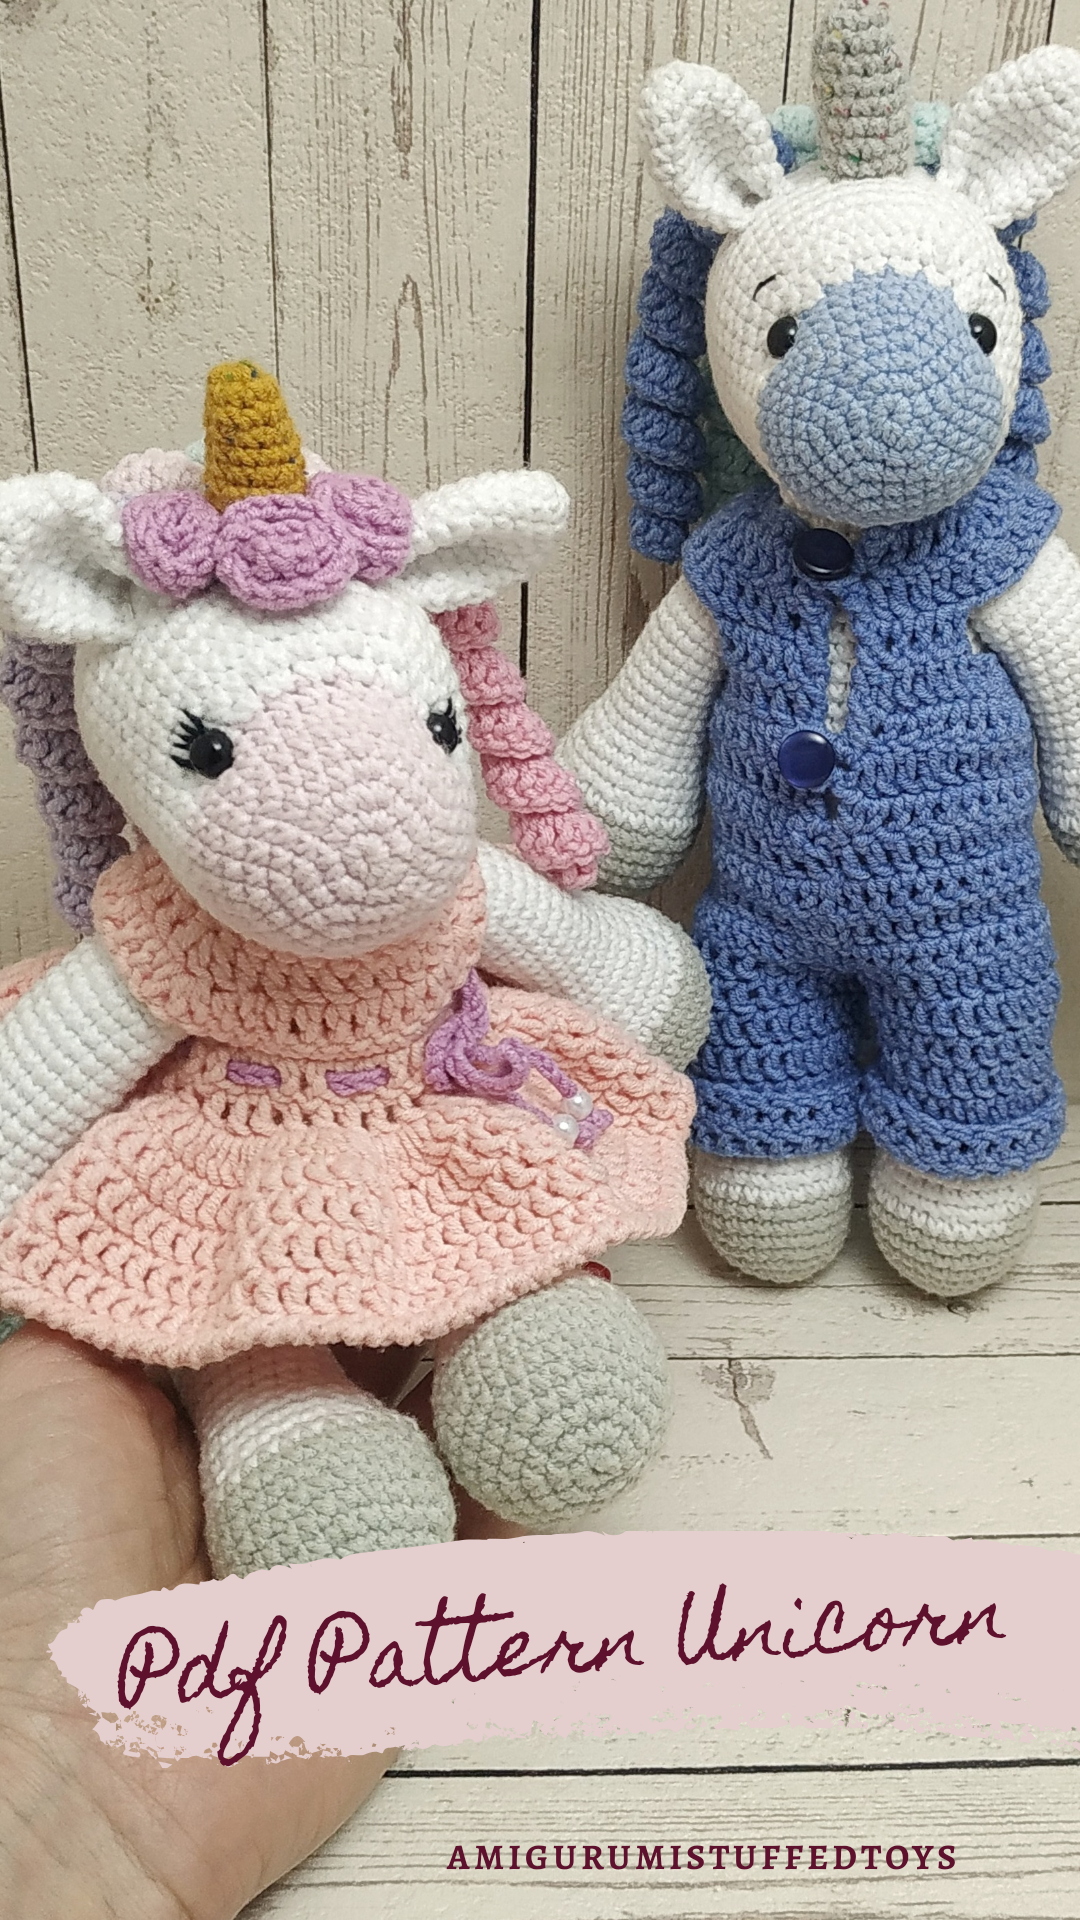 Eenhoorn unicorn rattle rammelaar gehaakt crochet handmade ... | 1920x1080